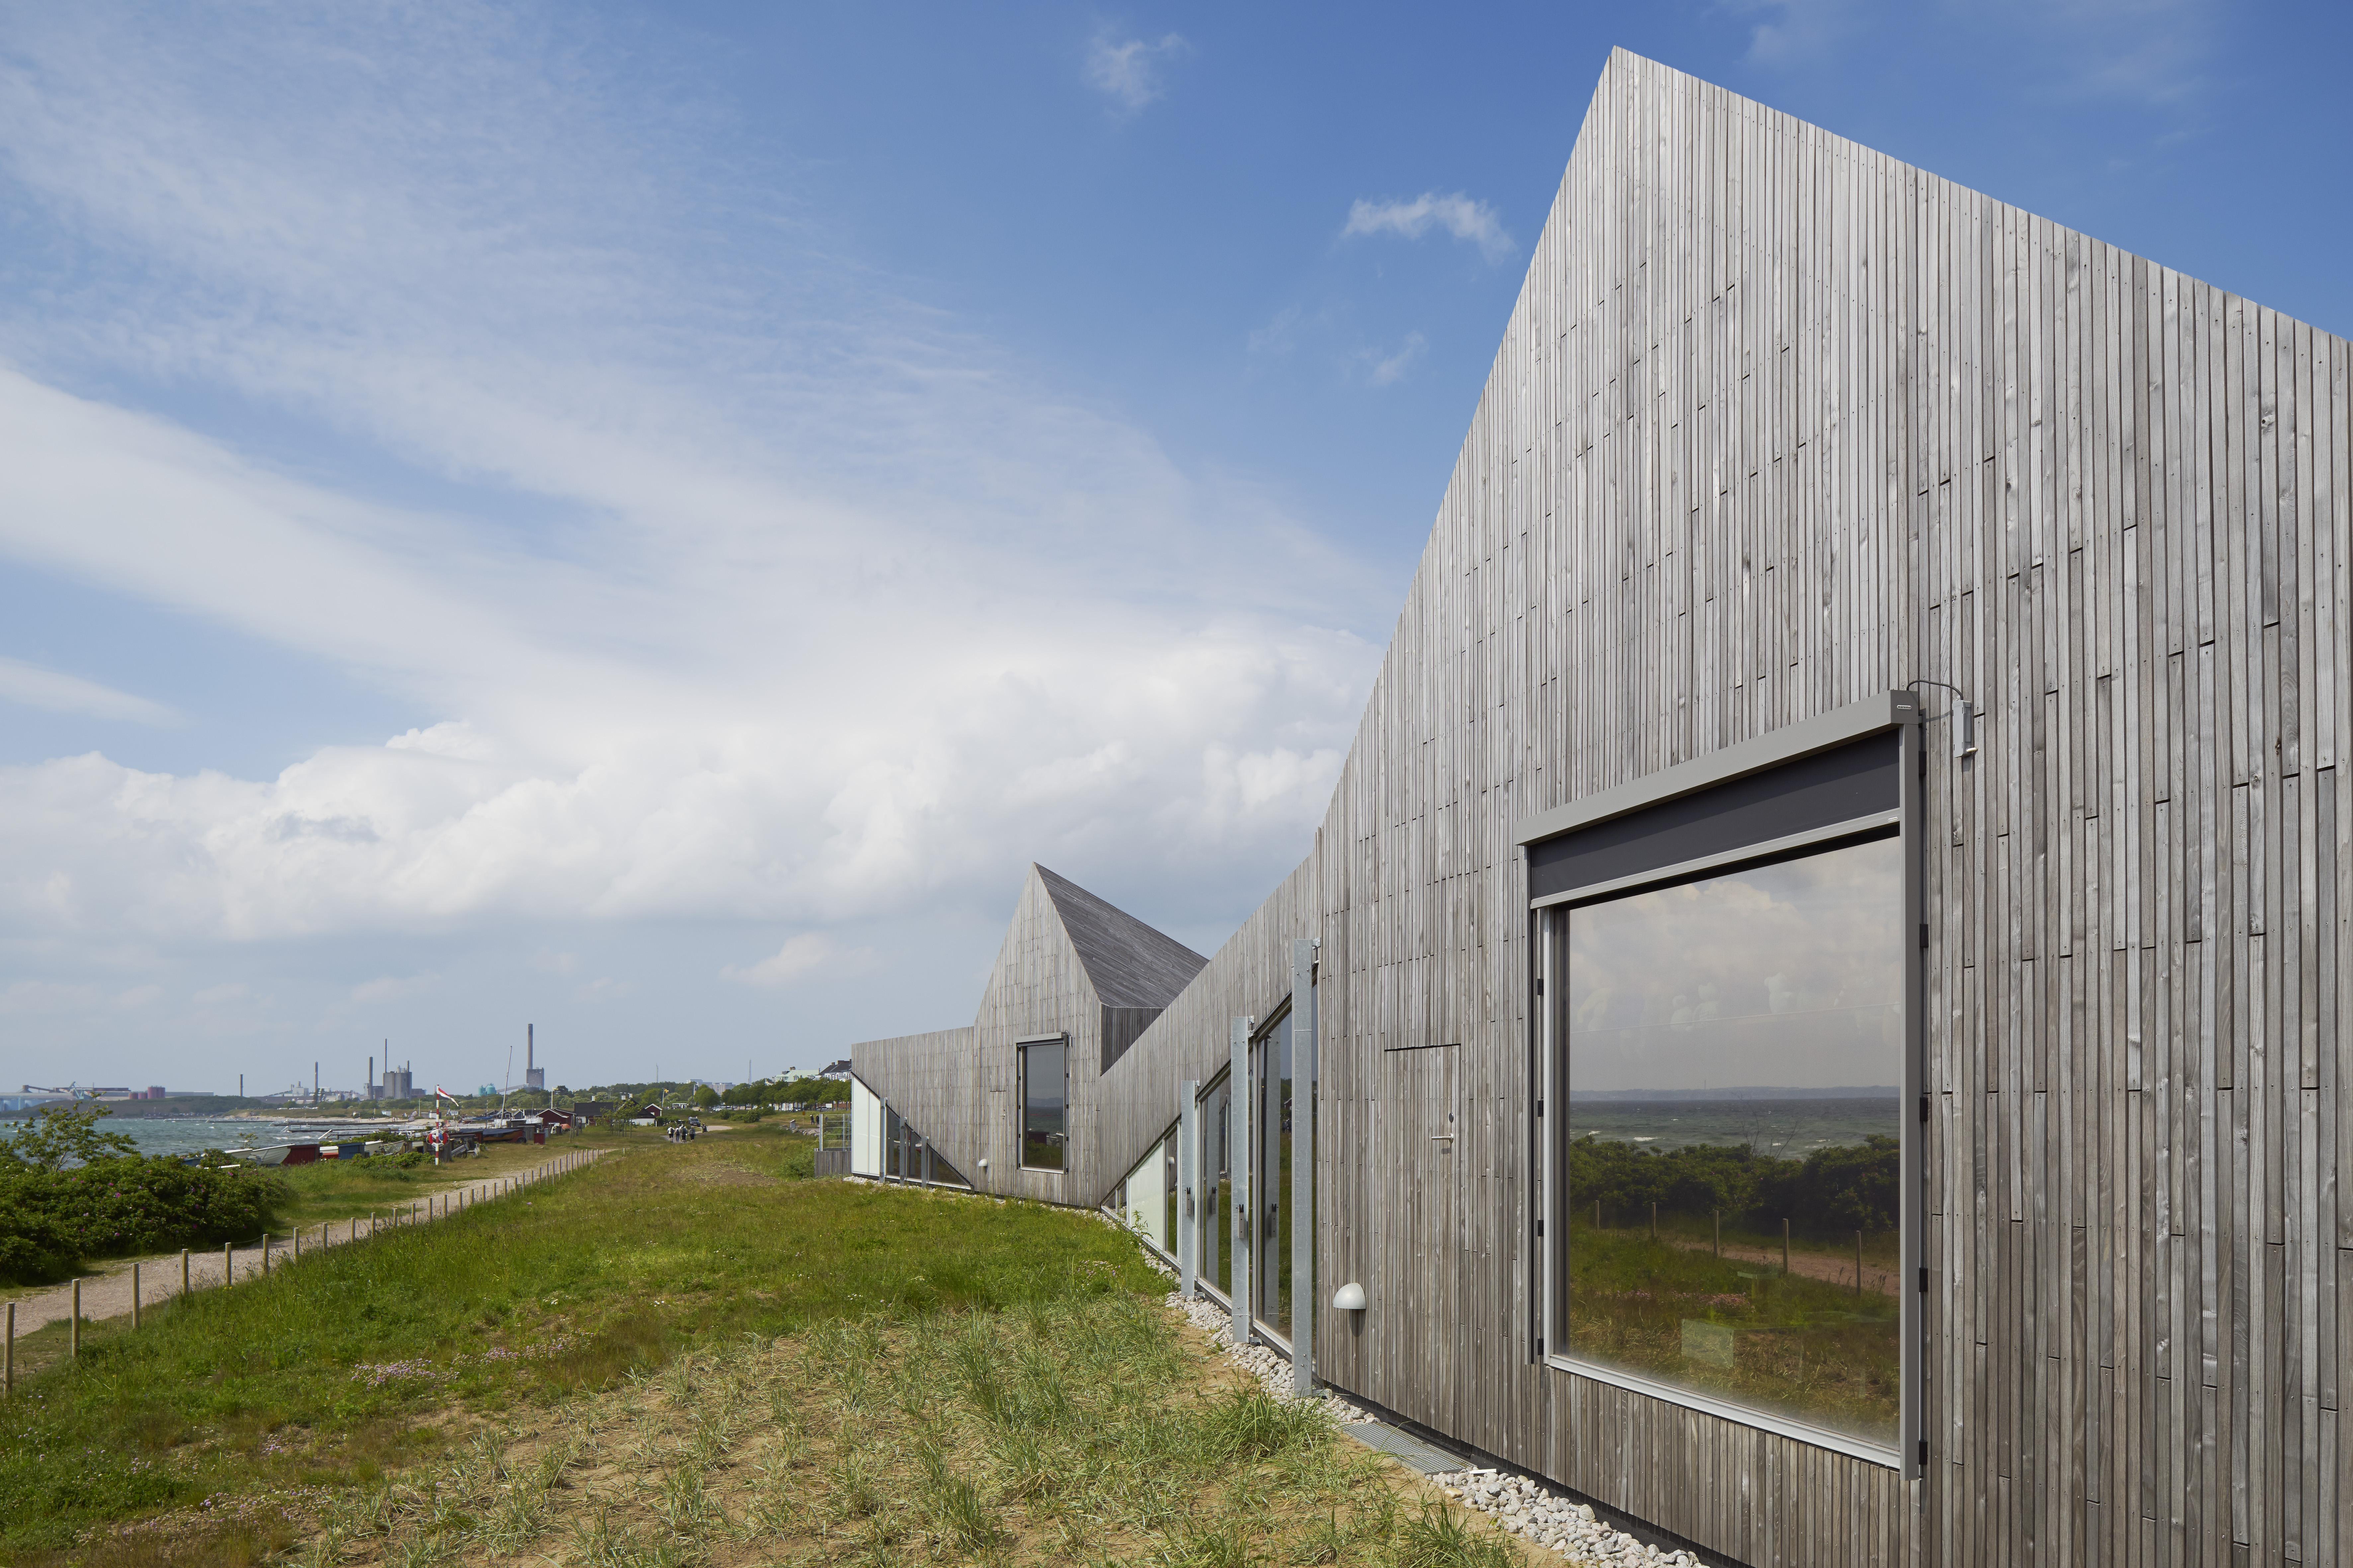 Raa Day Care Center by Dorte Mandrup Arkitekter.